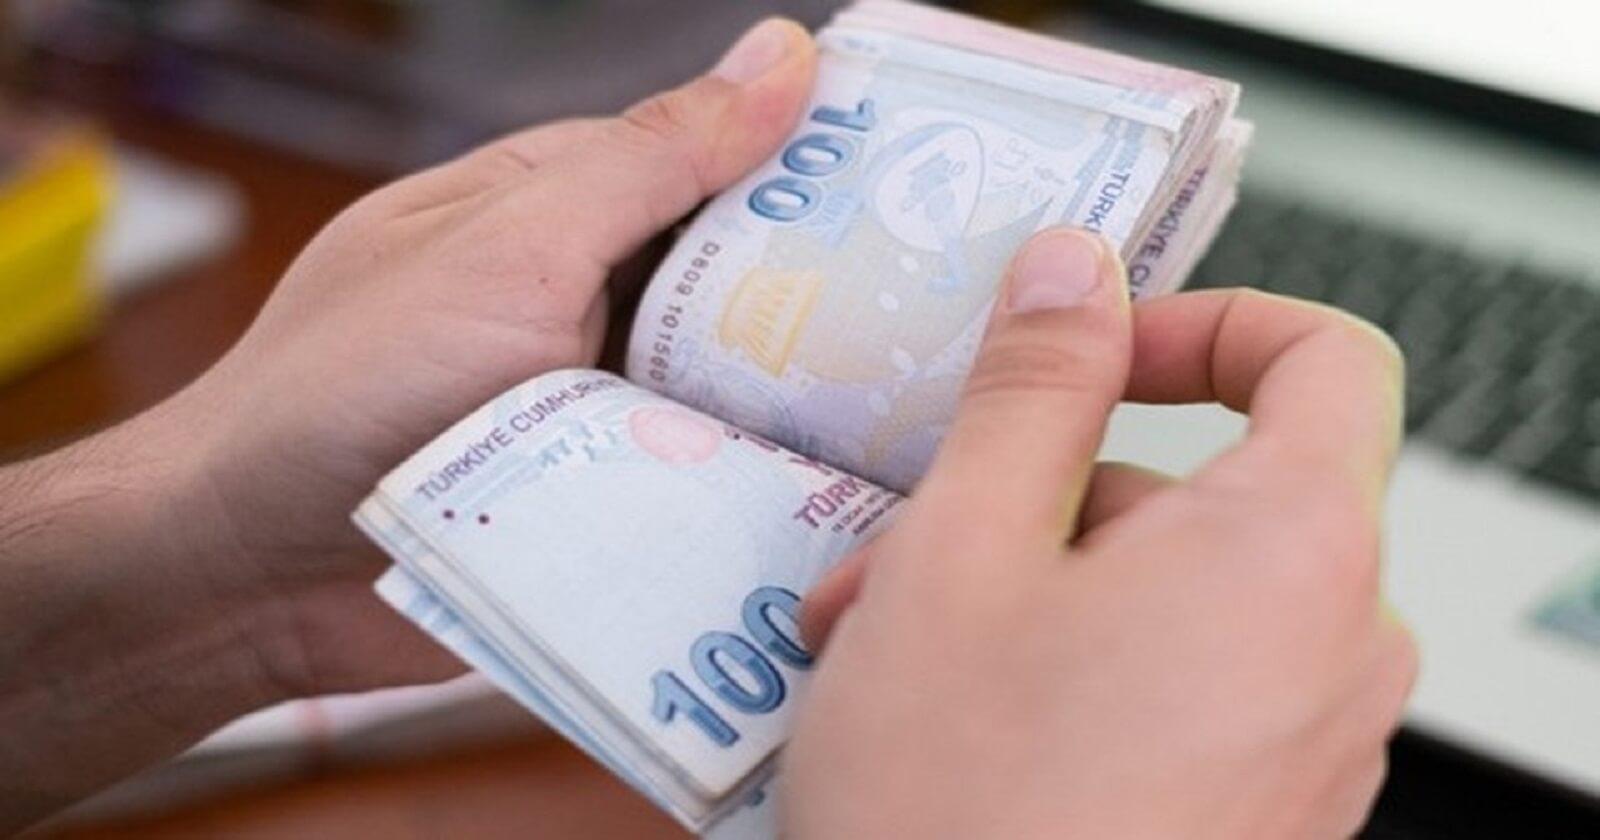 Akbank ihtiyaç kredisine nasıl başvurulur